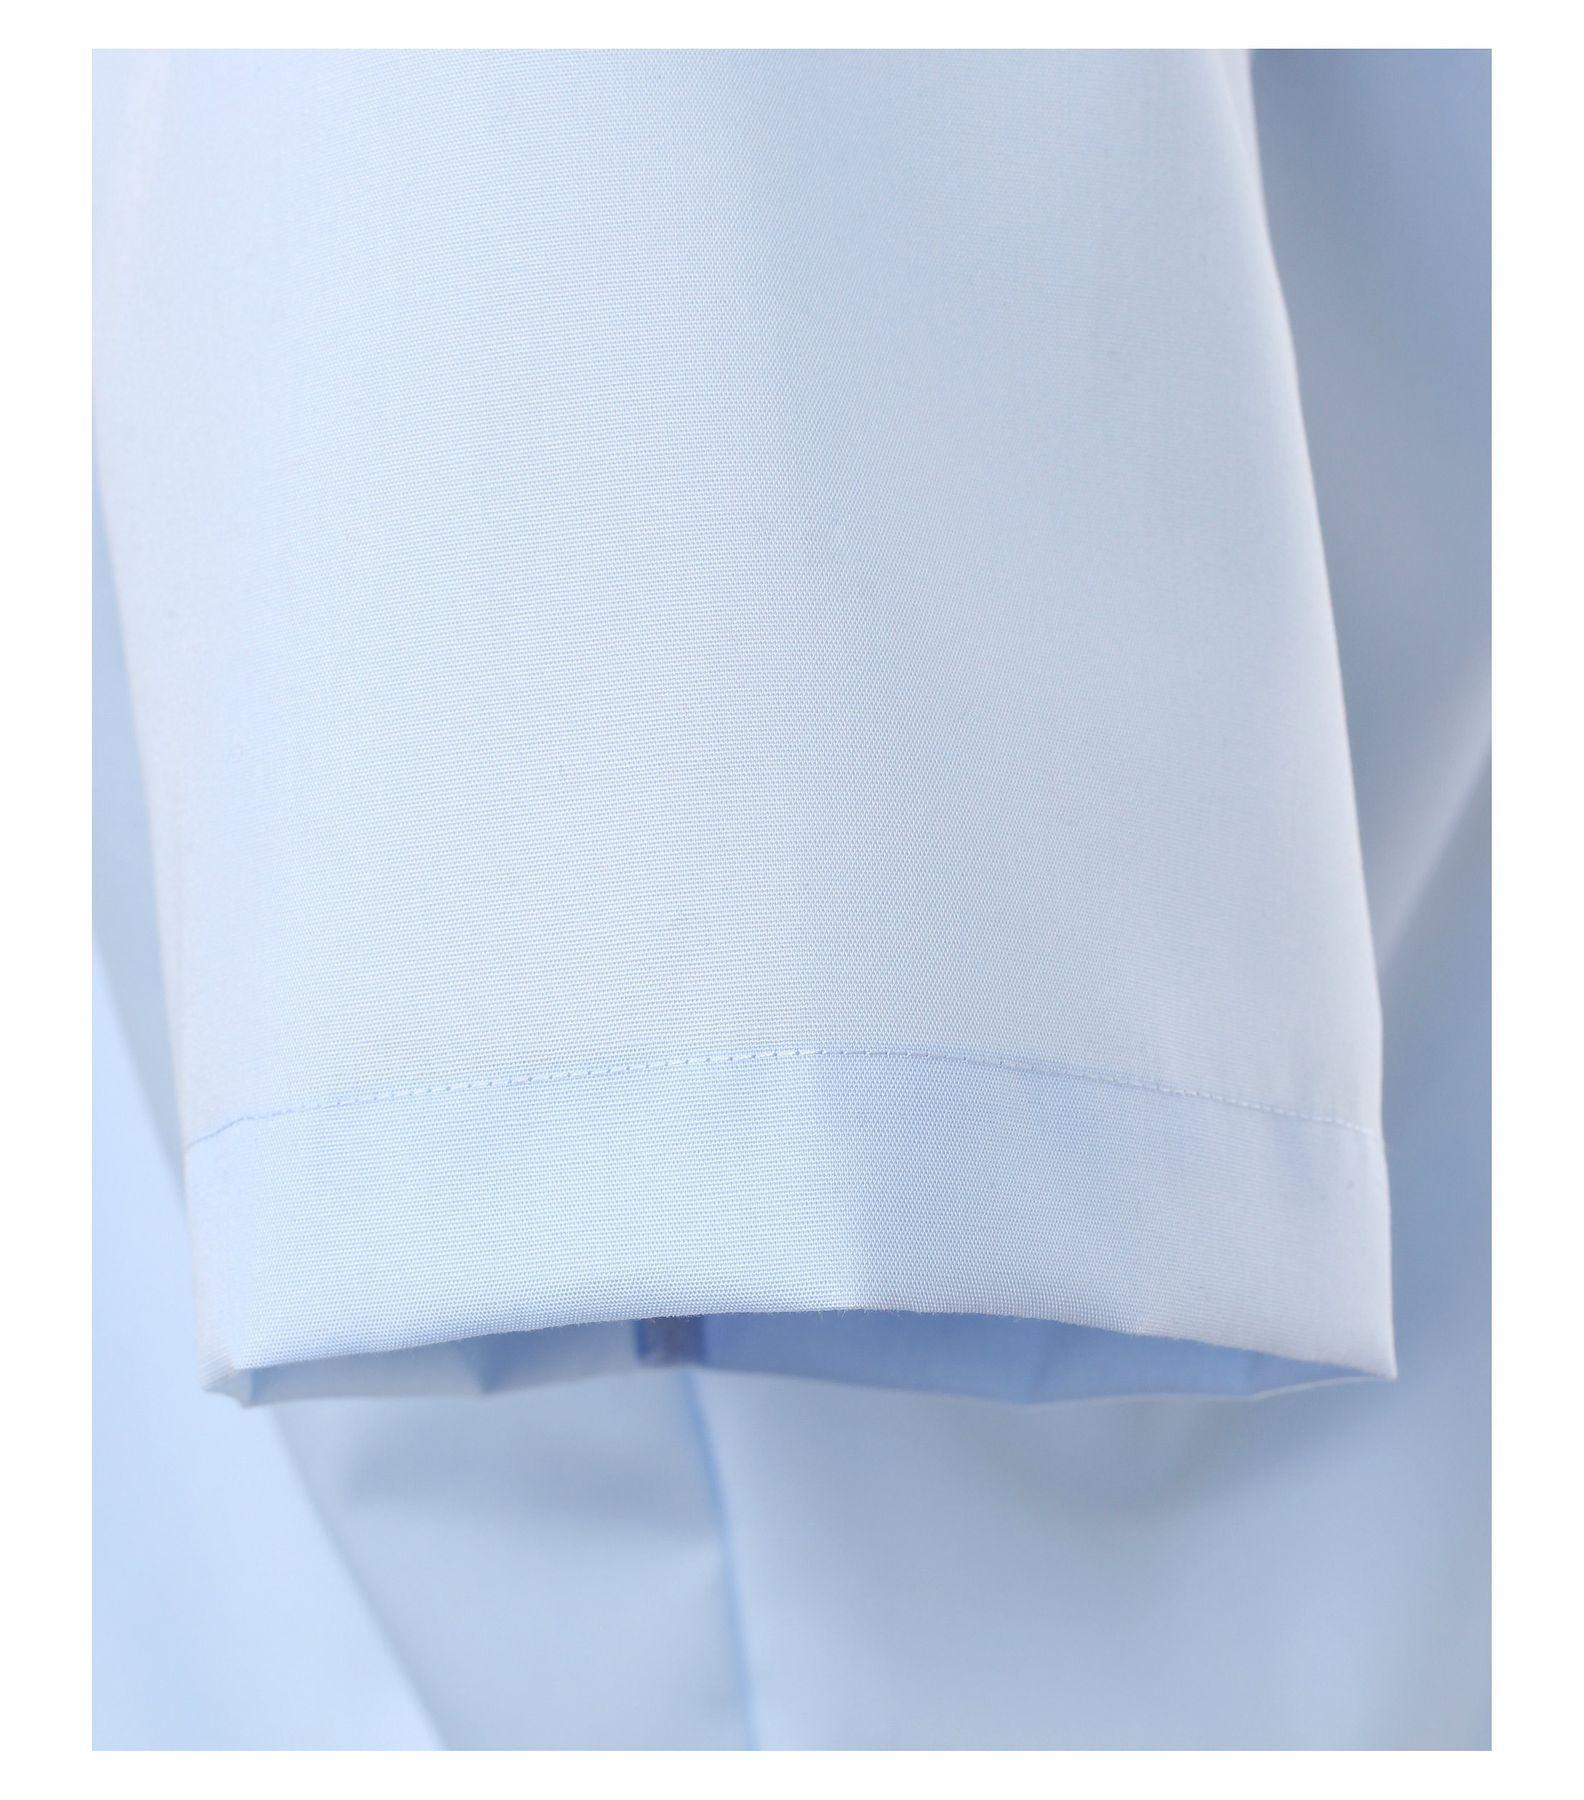 Casa Moda - Comfort Fit - Bügelfreies Herren Business kurzarm Hemd verschiedene Farben (008070 A) – Bild 6